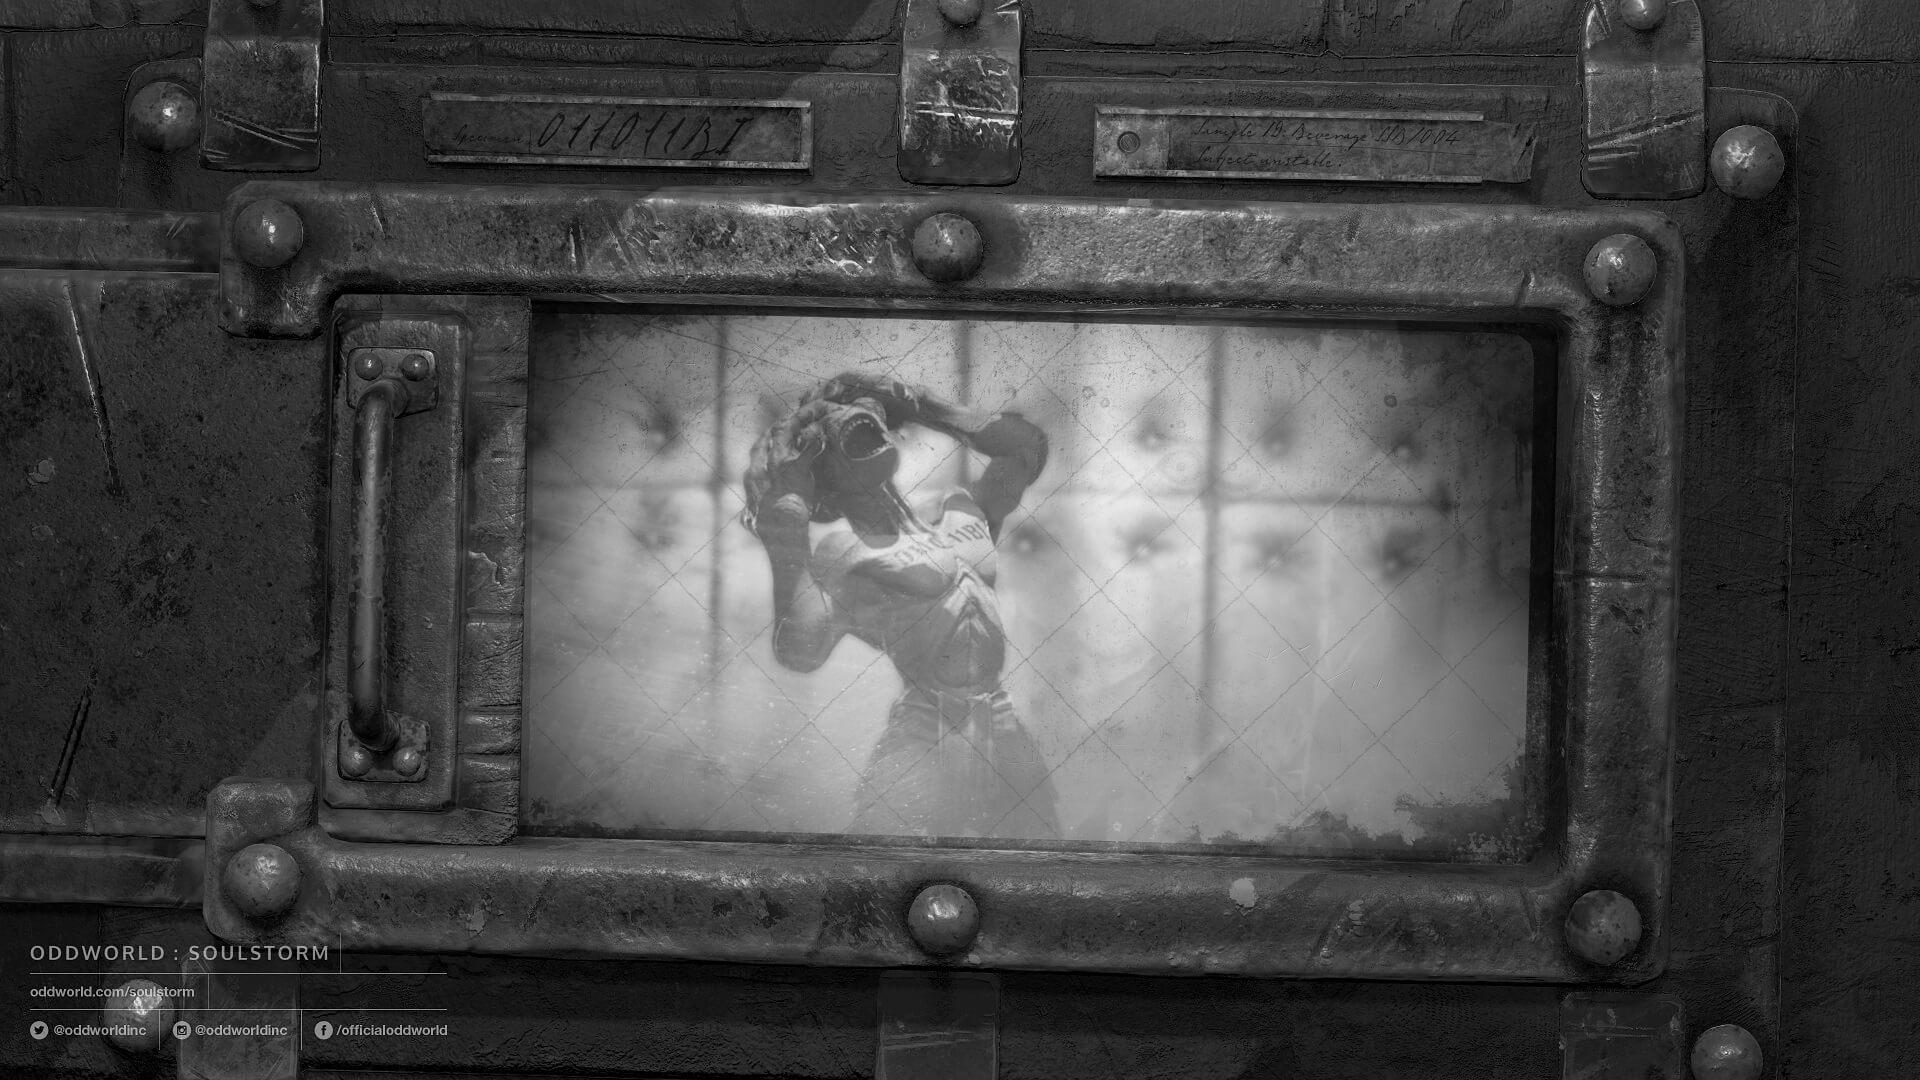 La humillación, dolor y tortura serán patentes en Oddworld: Soulstorm